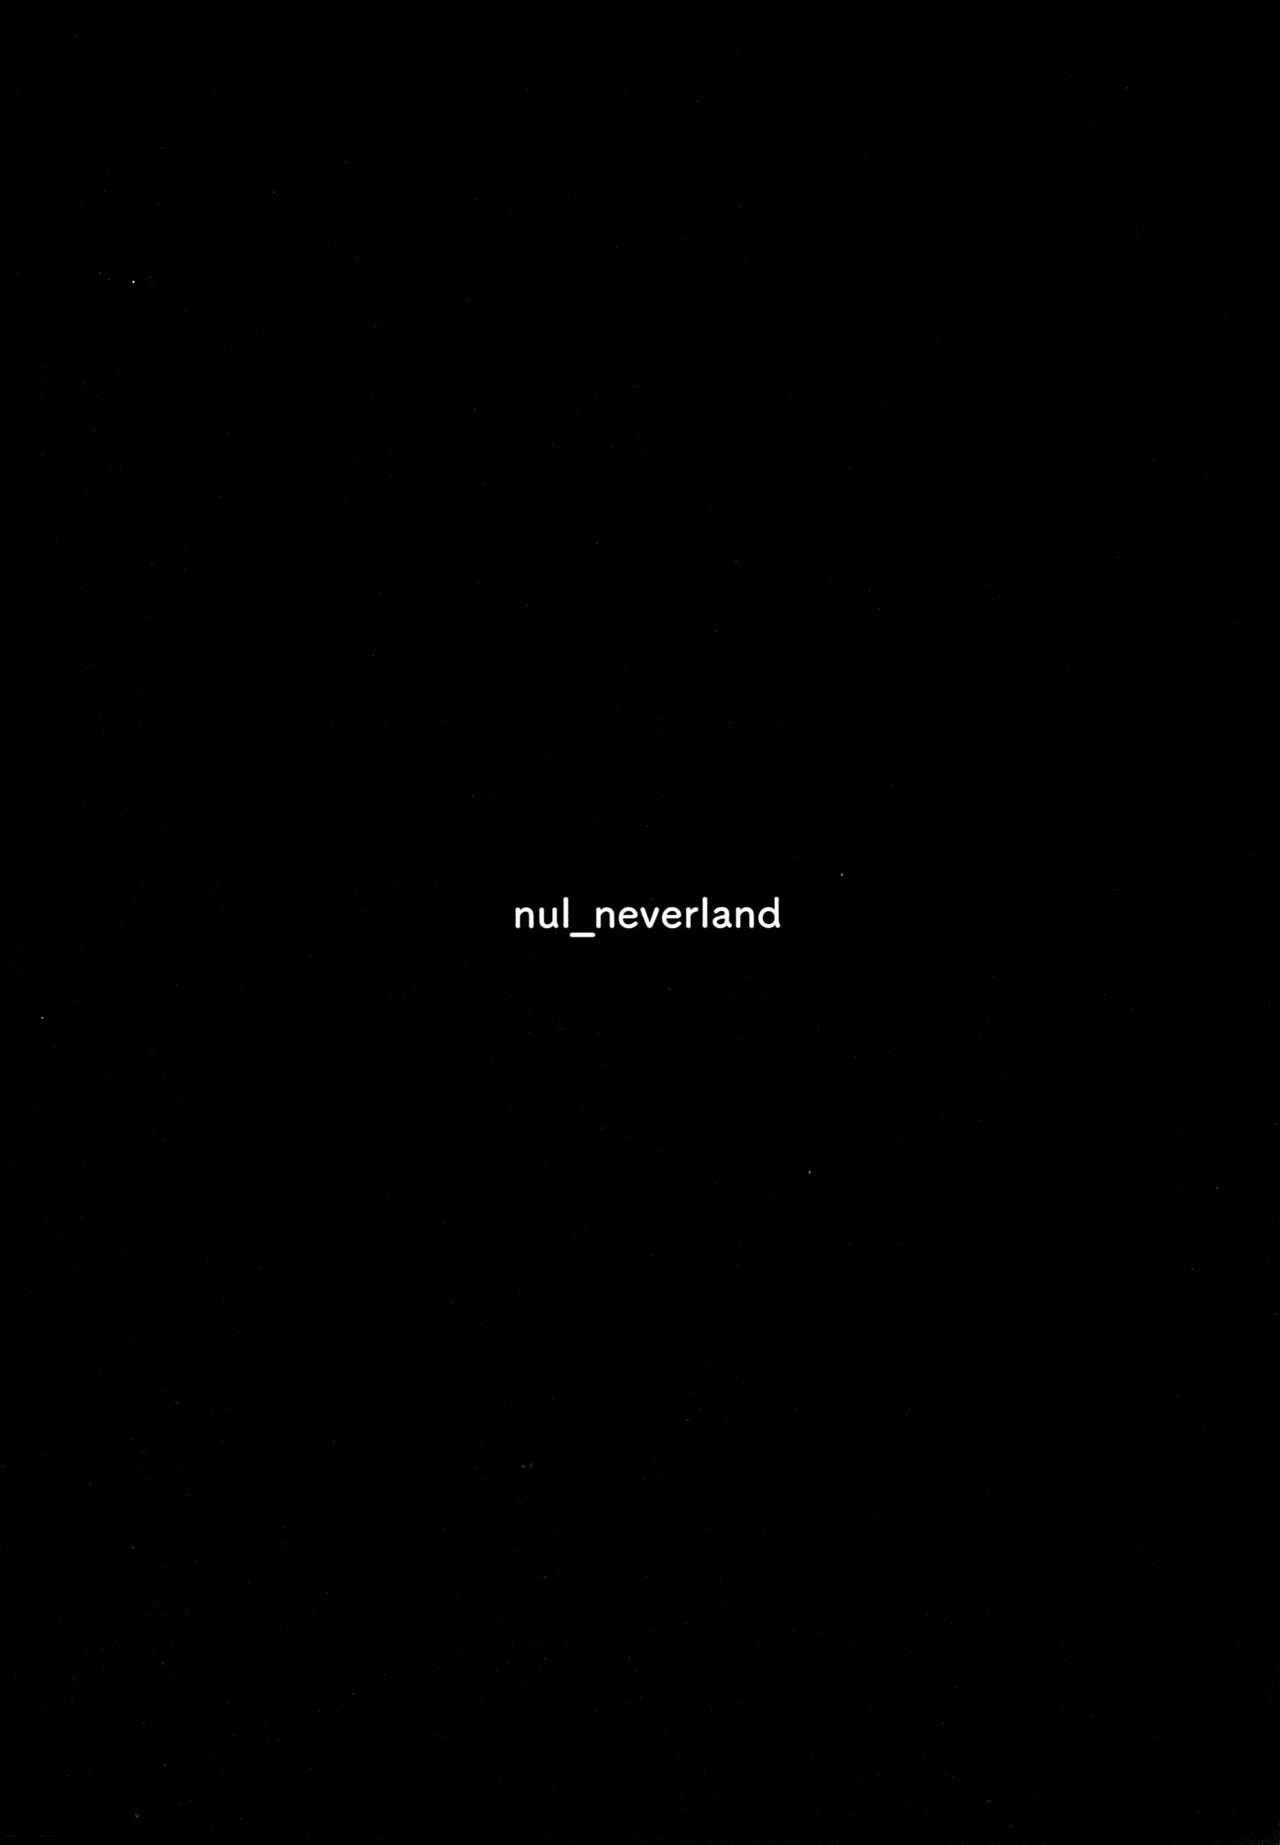 (C93) [nul_Neverland (Navier Haruka 2T)] Deli Succu!! -DeliHeal Yondara Succubus ga Kita Repo- | Delivery Succu!! - A report on ordering succubus escorts [English] [573] 24